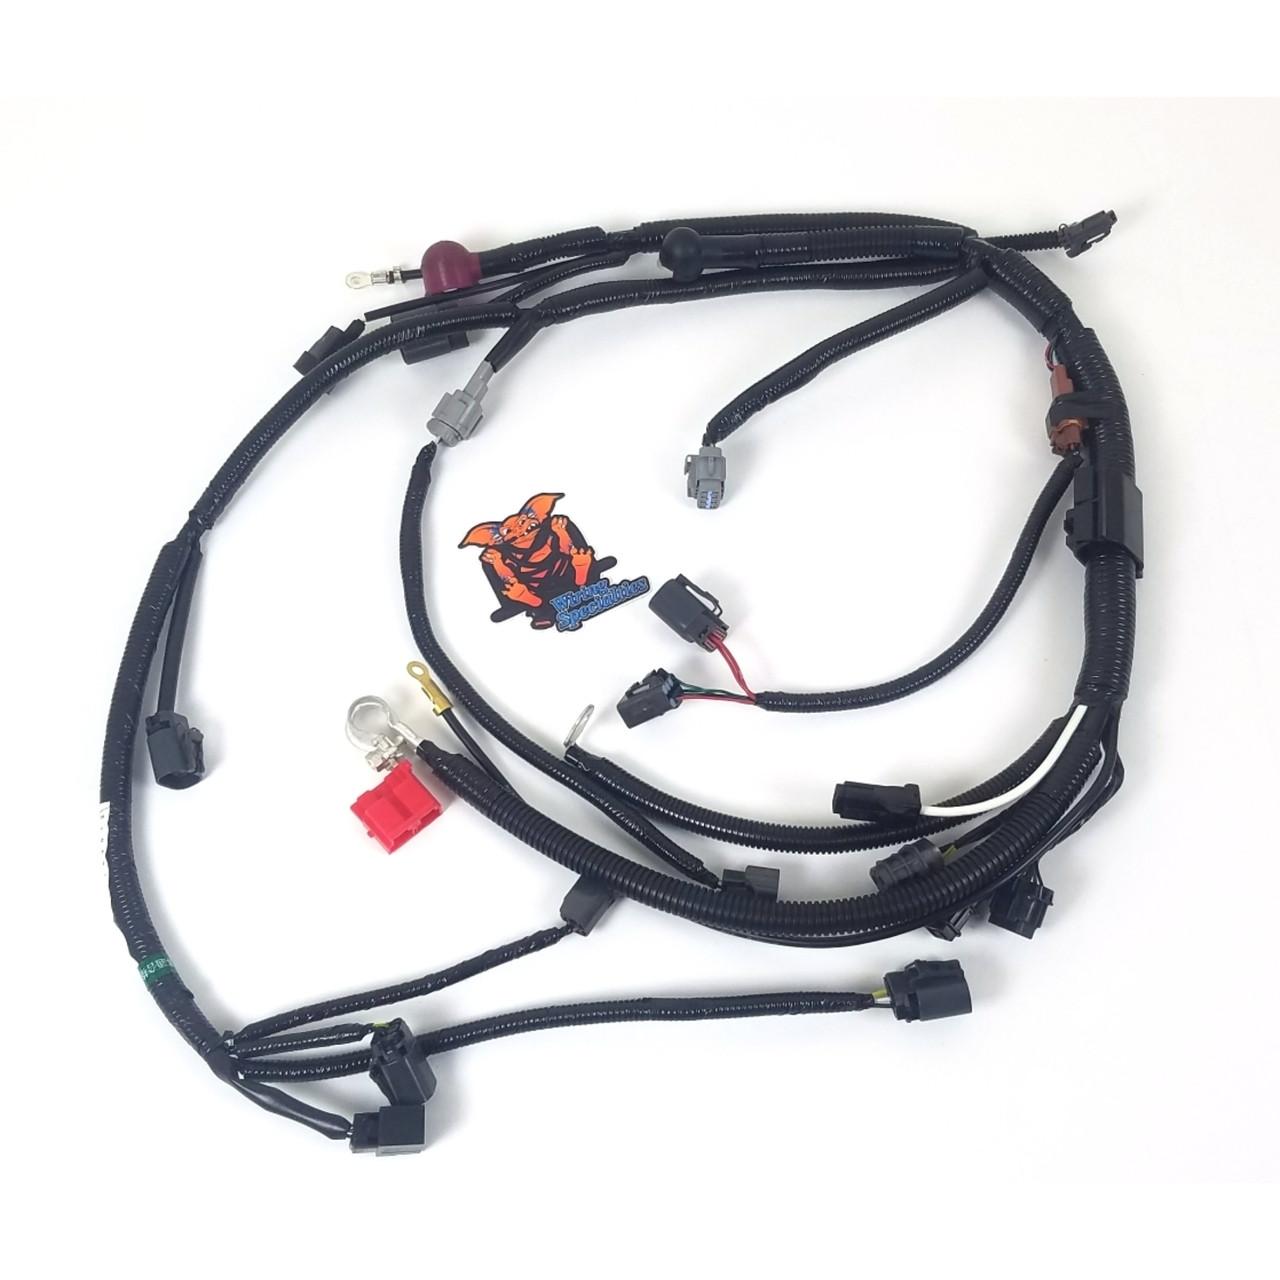 [GJFJ_338]  Wiring Specialties S14 KA24DE Lower Harness for 240SX S14 - 240sxmotoring | Ka24de Wiring Harness |  | 240sx Motoring